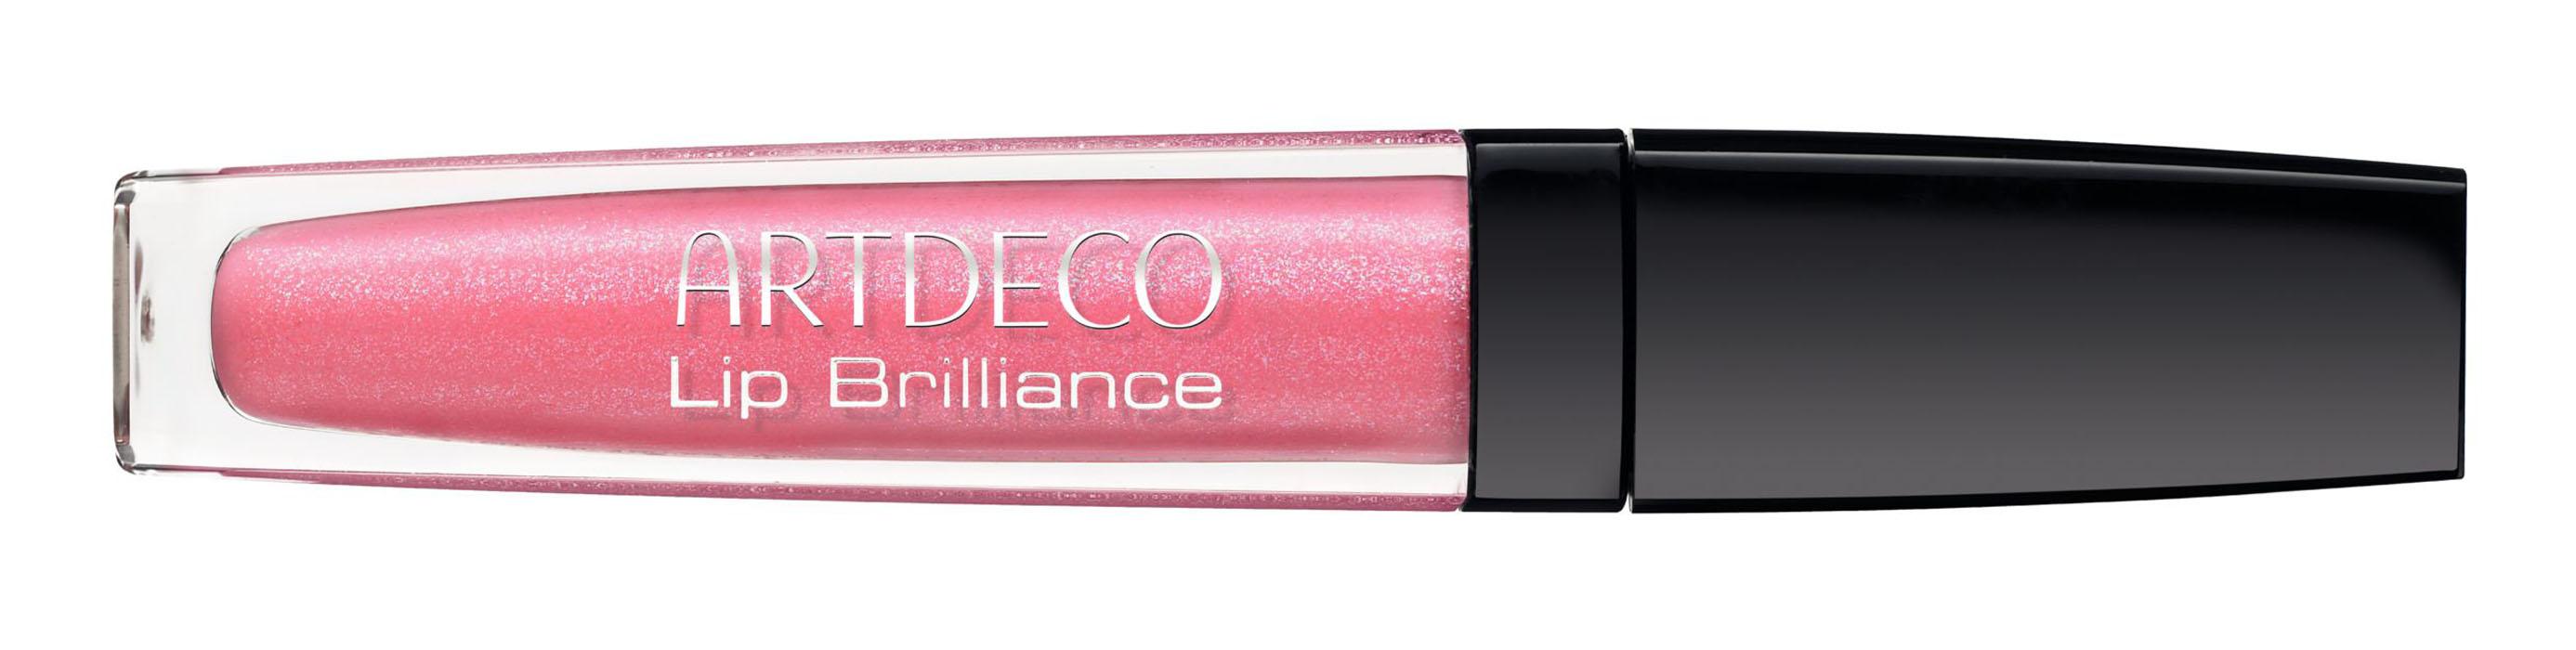 ARTDECO Блеск для губ устойчивый Fashion Colors BRILLIANCE 62, 5 мл878N10587Легкая прозрачная формула создает разглаживающее покрытие с эффектом лифтинга, за счет чего помада ложится ровно, не собирается в складочки. Питательный комплекс ухаживает за губами. Стик смягчает натуральный цвет губ и дает возможность четко накрасить губы по контору и не исказить цвет помады. Увеличивает устойчивость помады, что значительно экономит ваши деньги и время.